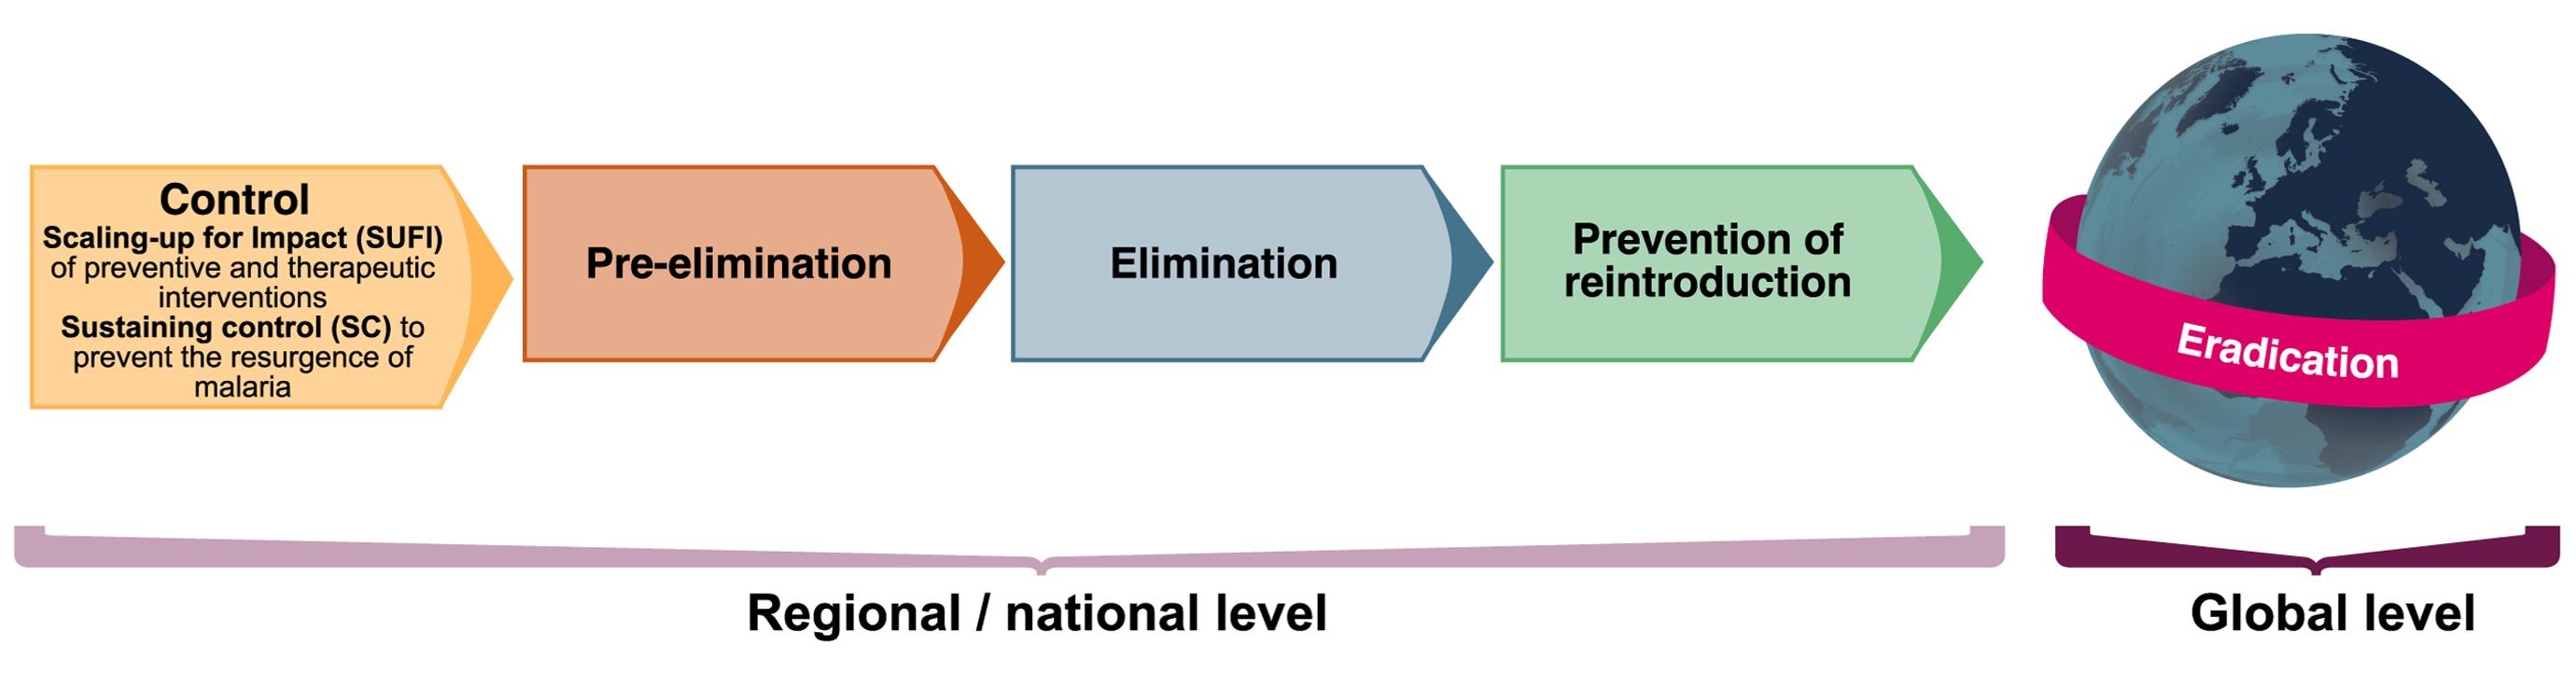 Epidemiological milestones <em class=&quot;ref&quot;>[<b>1</b>]</em>,<em class=&quot;ref&quot;>[23]</em>.